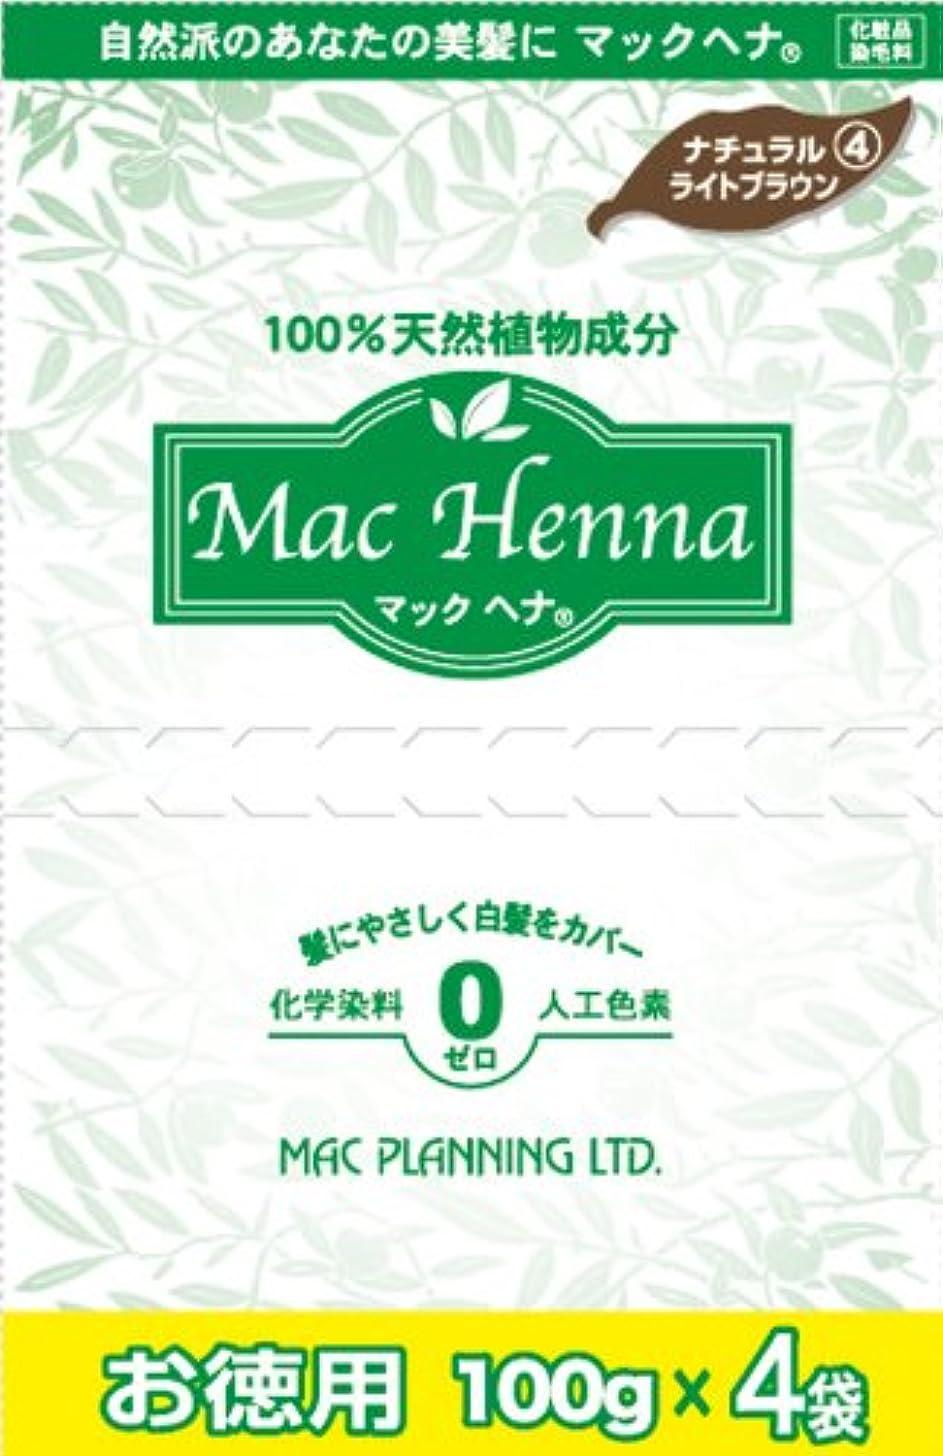 上院勇気のあるあたり天然植物原料100% 無添加 マックヘナ お徳用(ナチュラルライトブラウン)-4  400g(100g×4袋)3箱セット